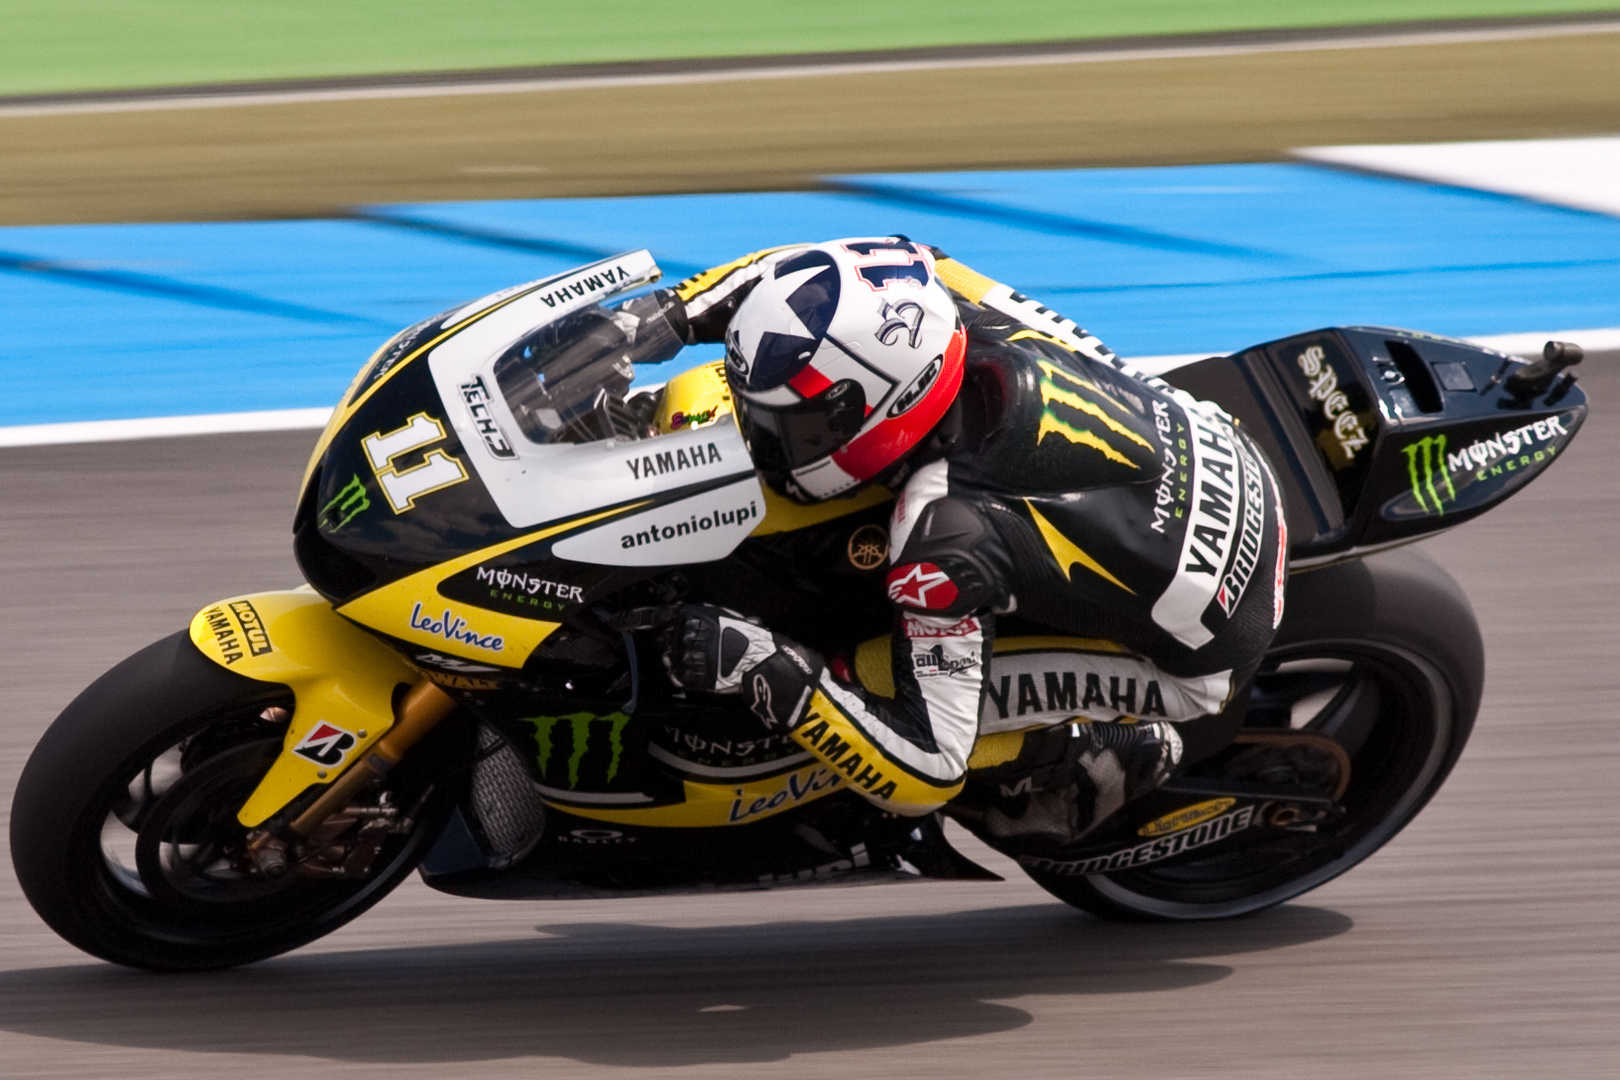 MotoGP - Ben Spies - Assen TT 2010